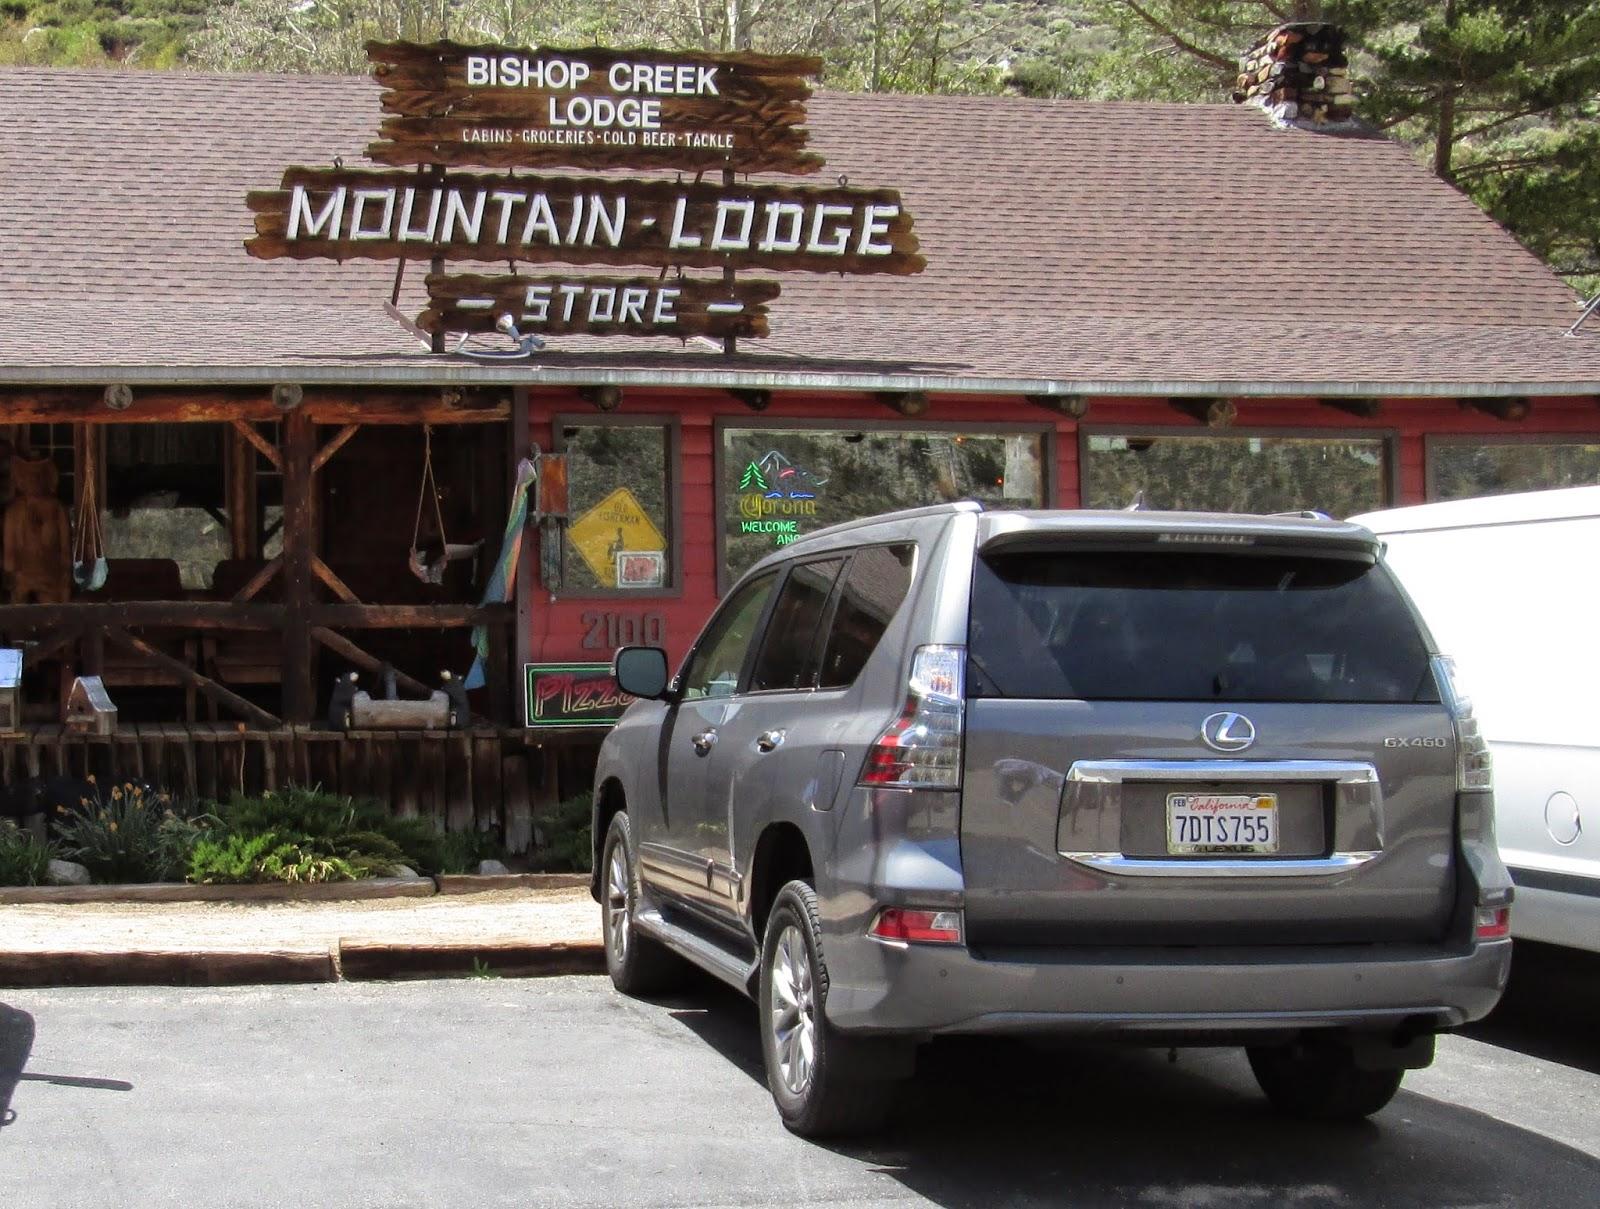 2014 Lexus GX460 at Bishop Creek Lodge